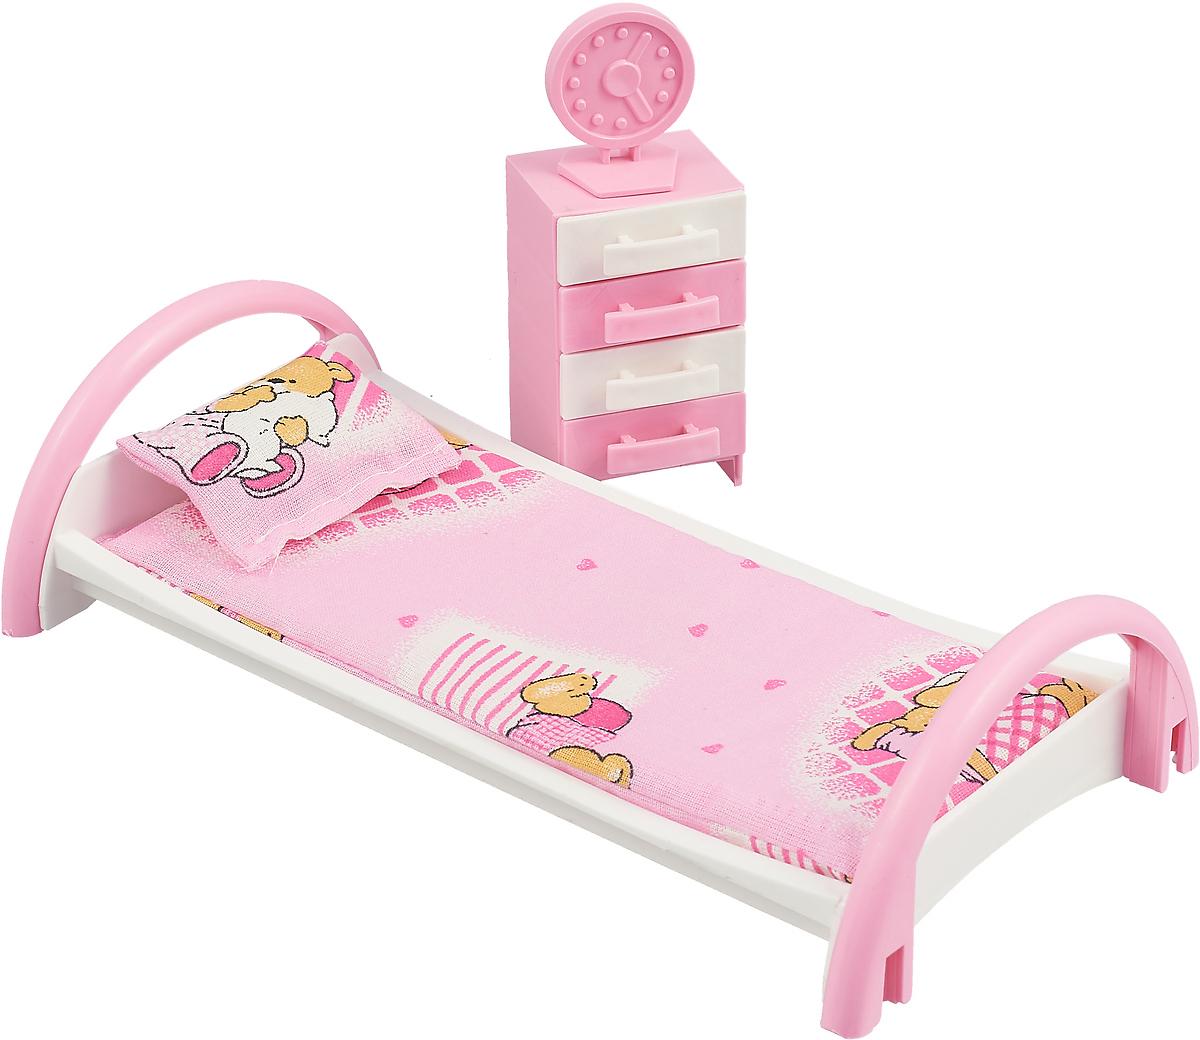 Форма Набор мебели для кукол Кровать с тумбочкой цвет розовый, мишки